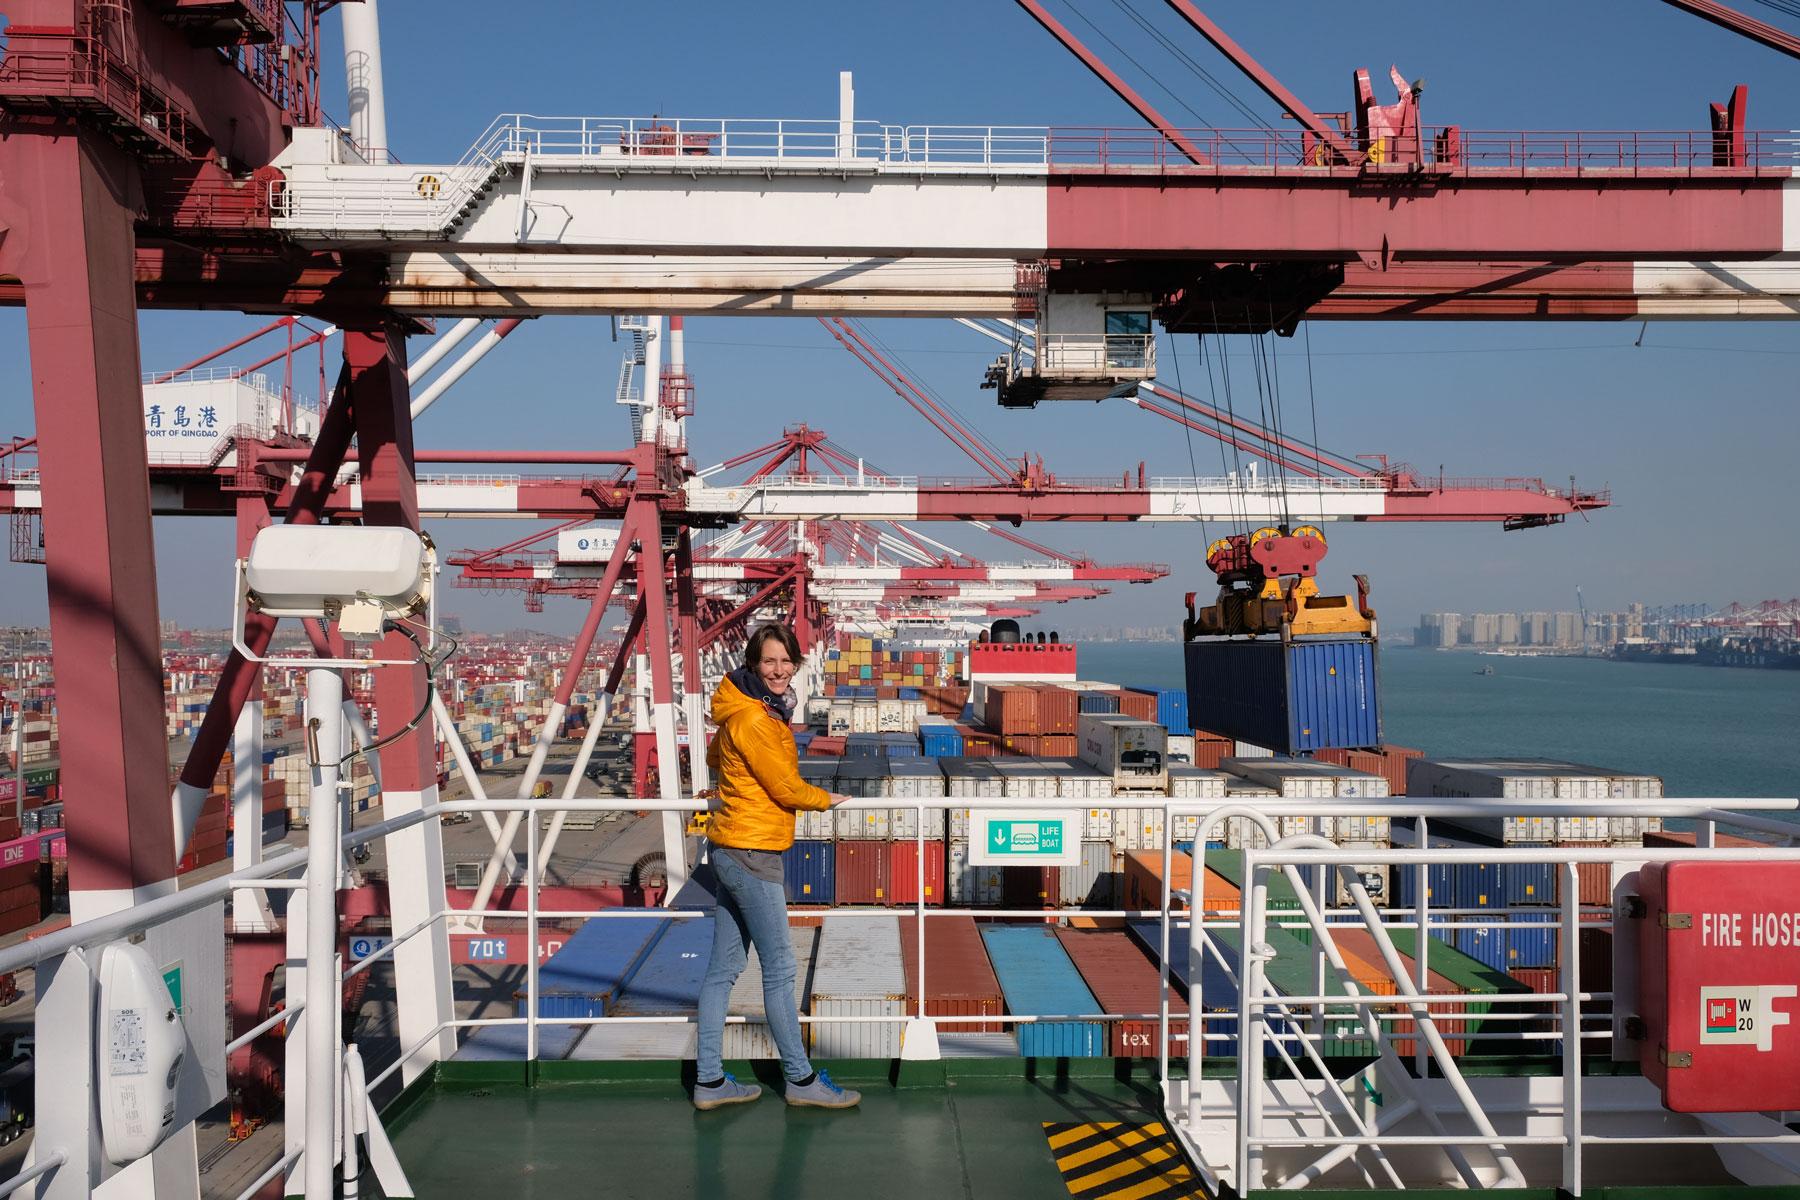 Leo auf der Brücke eines Containerschiffs im Hafen von Qingdao.